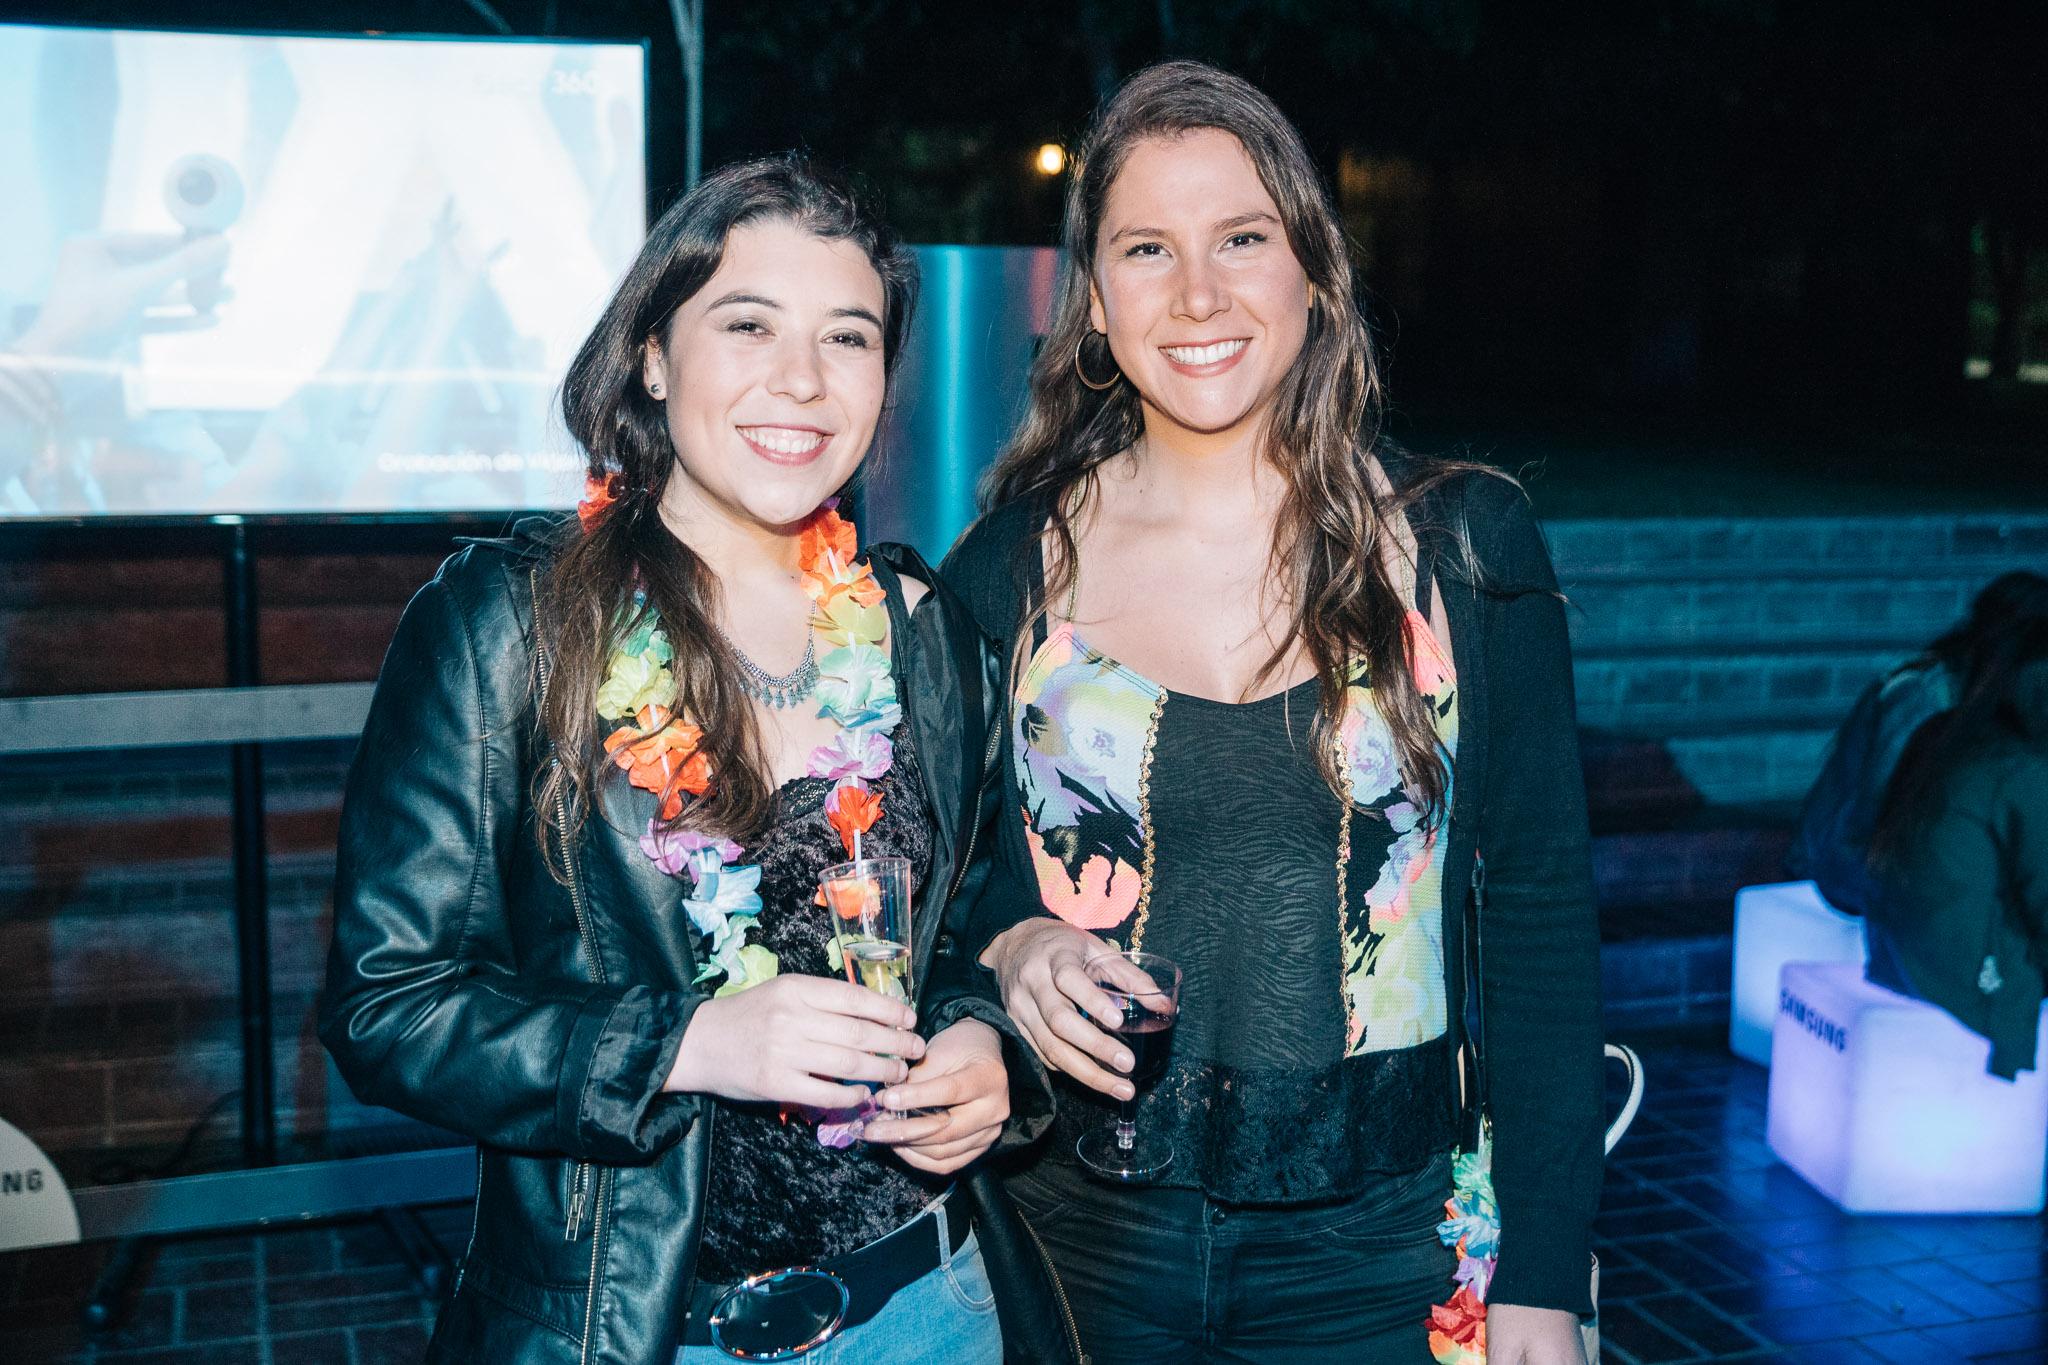 Patricia Lagos y Valeria Riquelme.